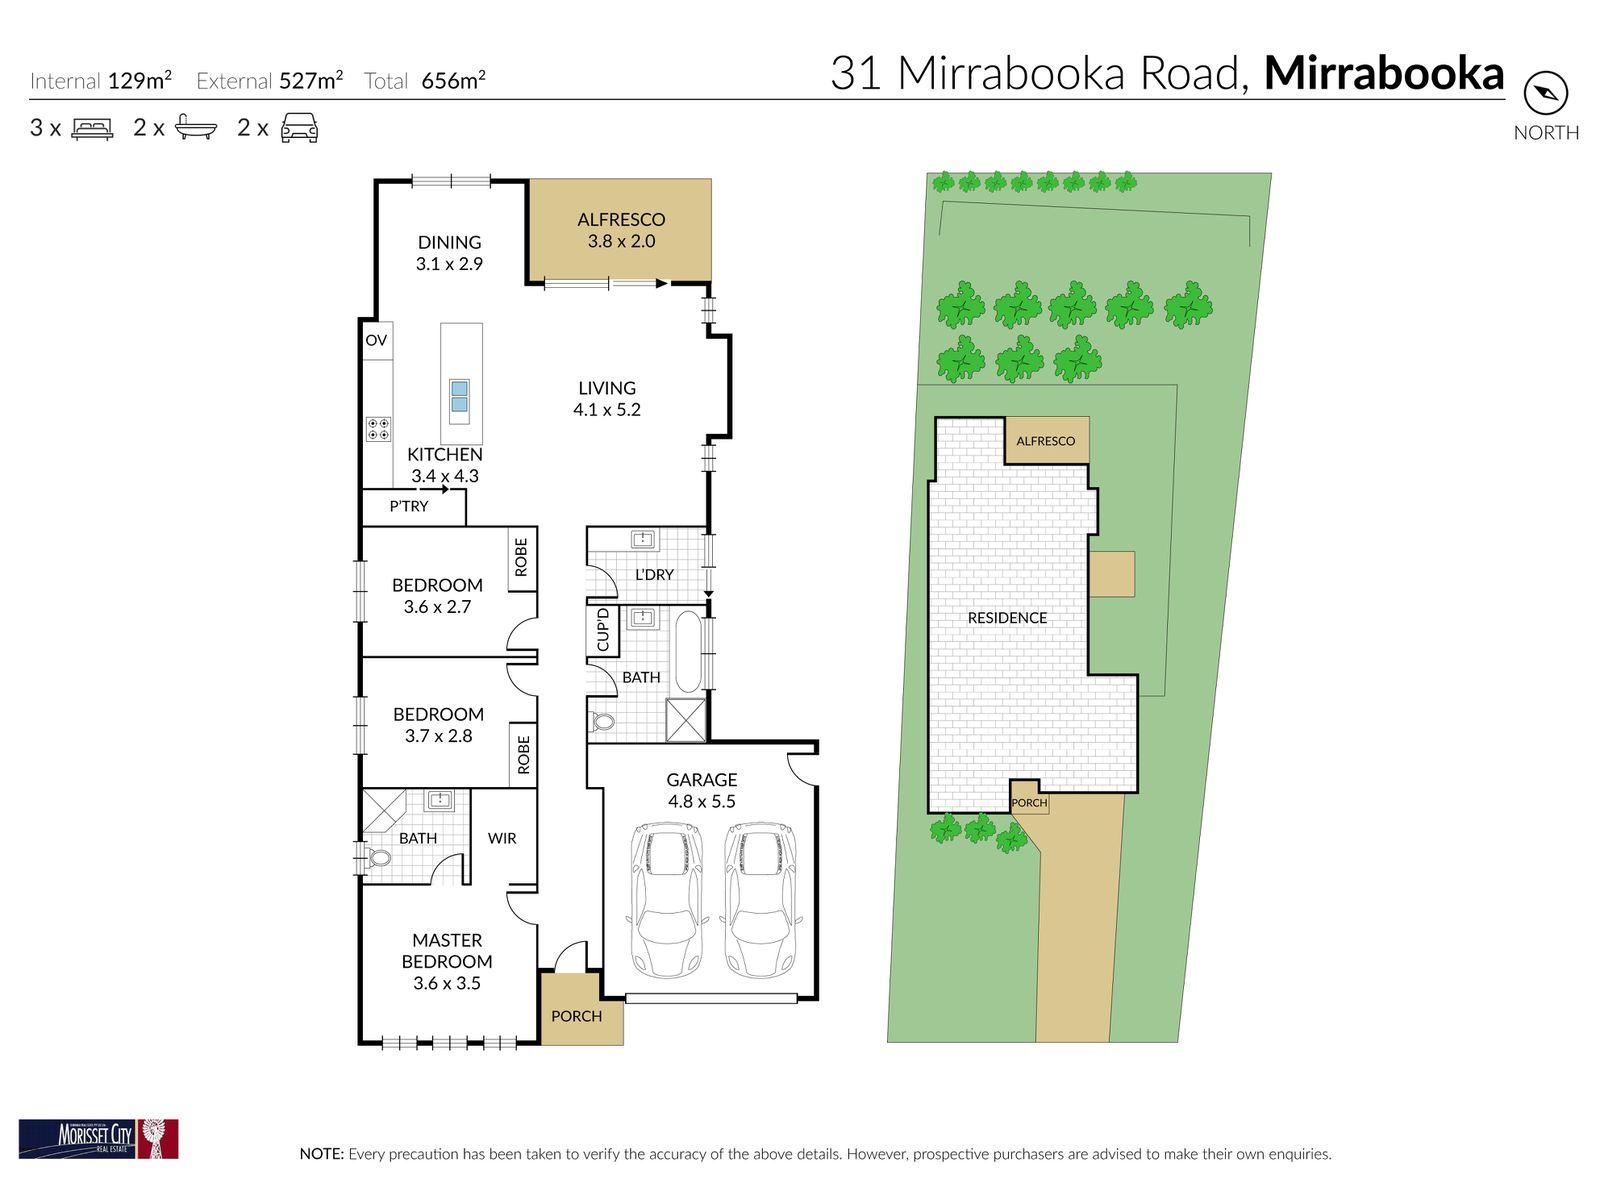 31 Mirrabooka Road, Mirrabooka